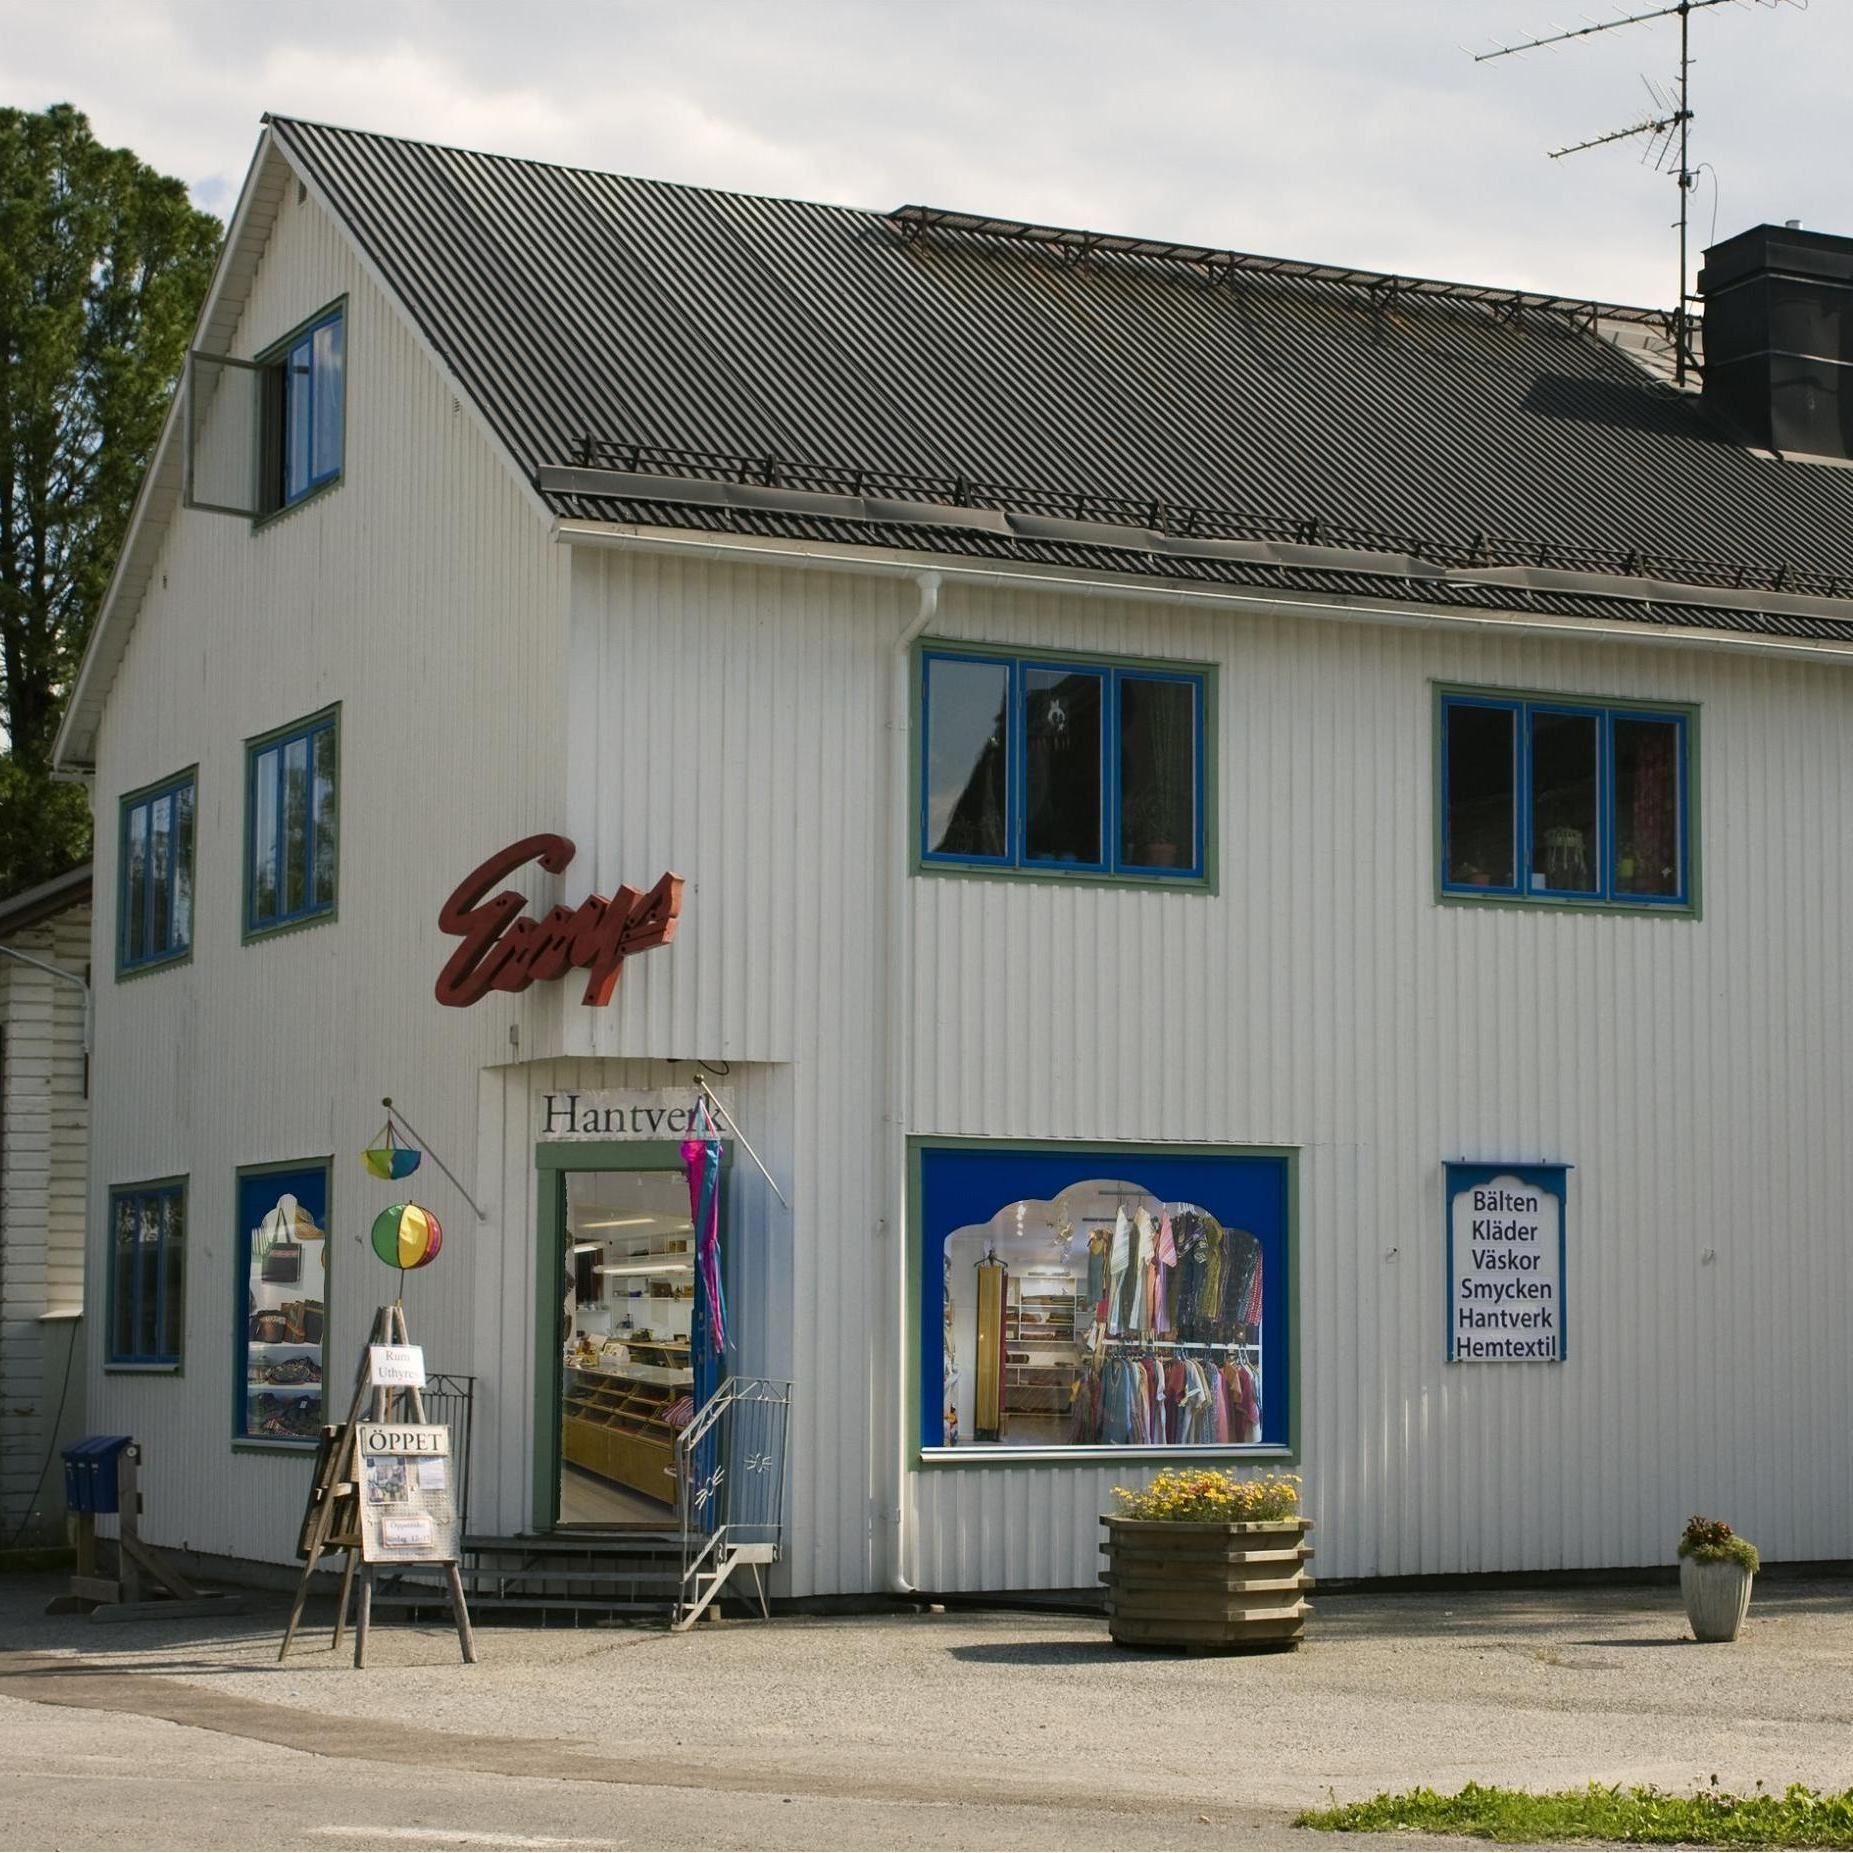 Per Sahlström Essys & Läderjord,  © foto får användas i relevant marknadsföring  av Ångermanland, Essys Hantverk – Rättvist Hantverk